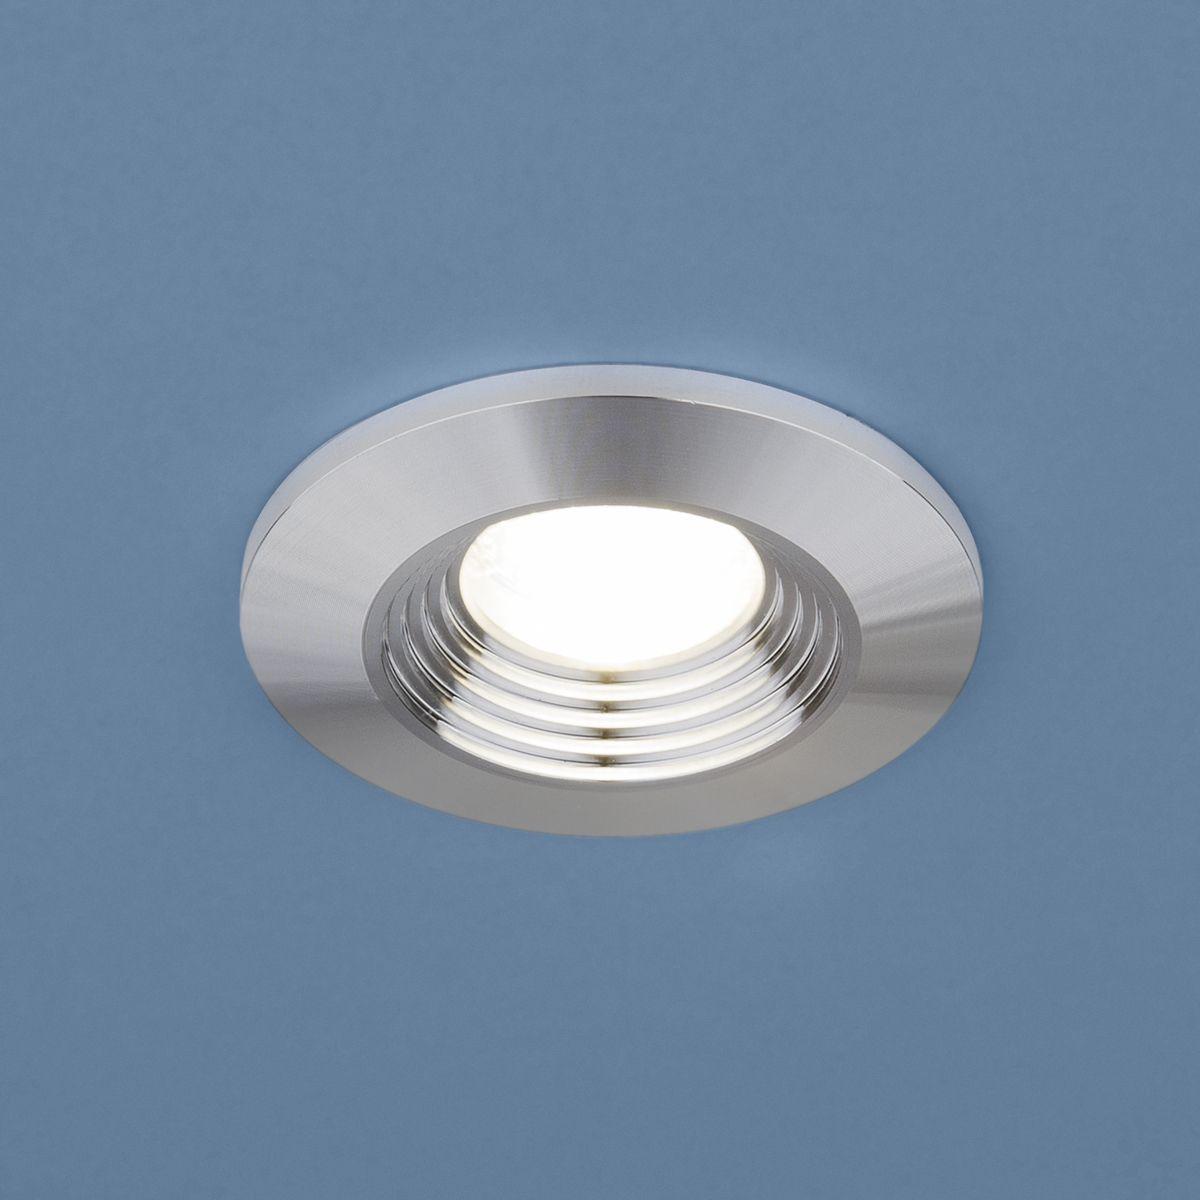 Встраиваемый светодиодный светильник 9903 LED 3W COB SL серебро